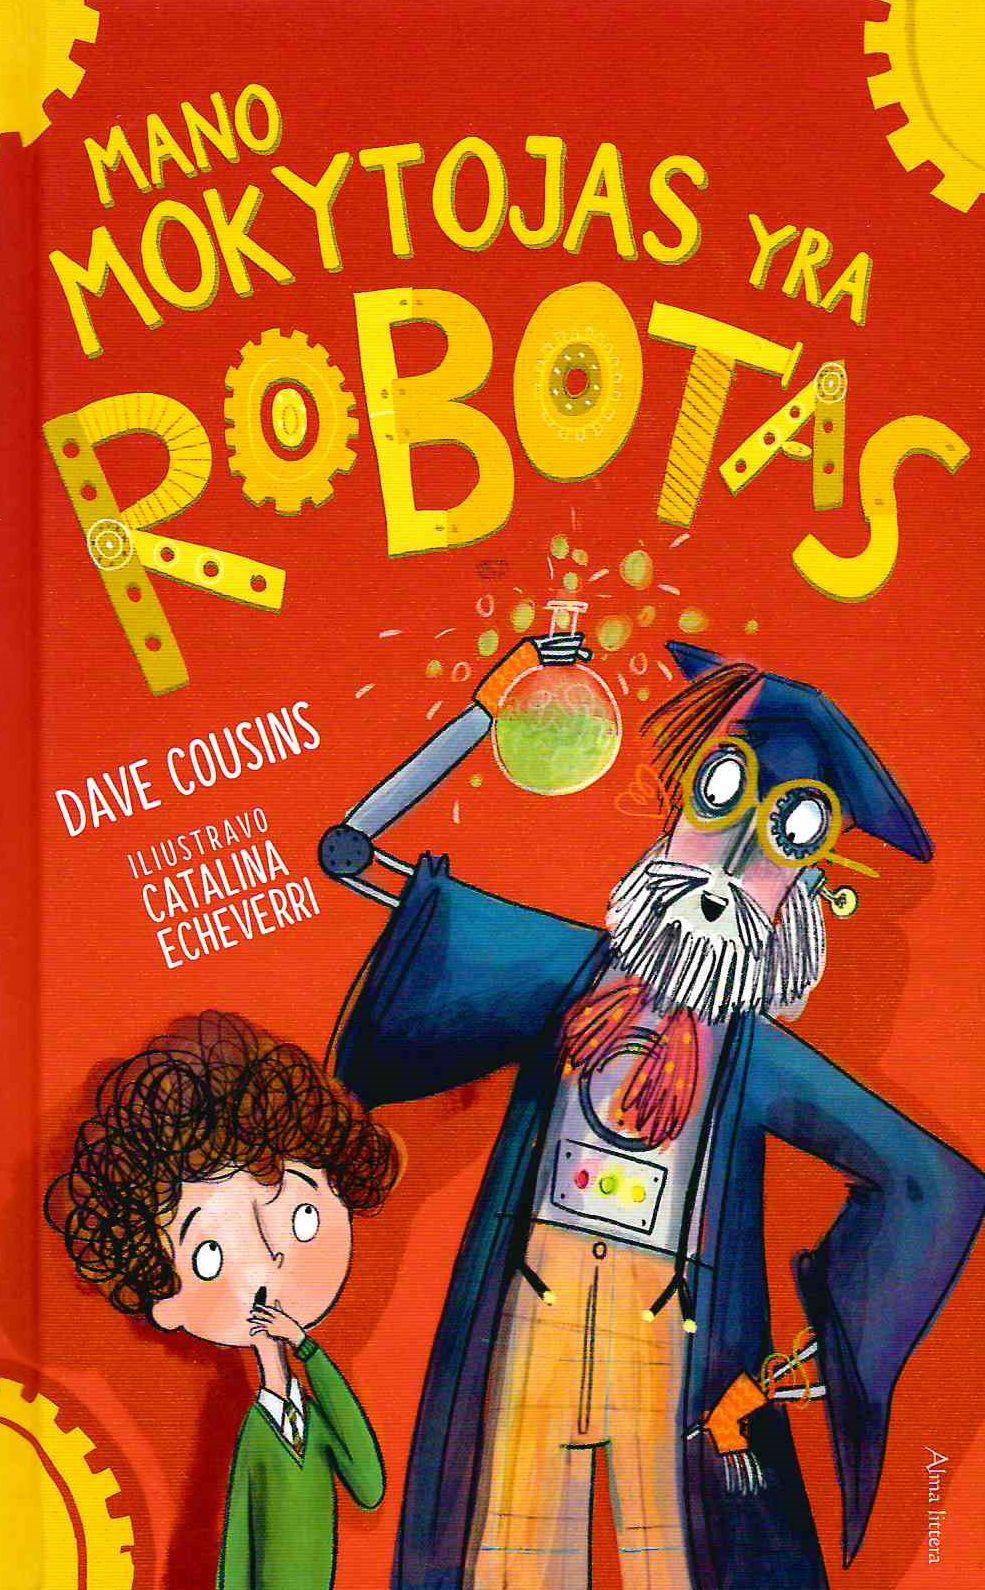 Mano mokytojas yra robotas